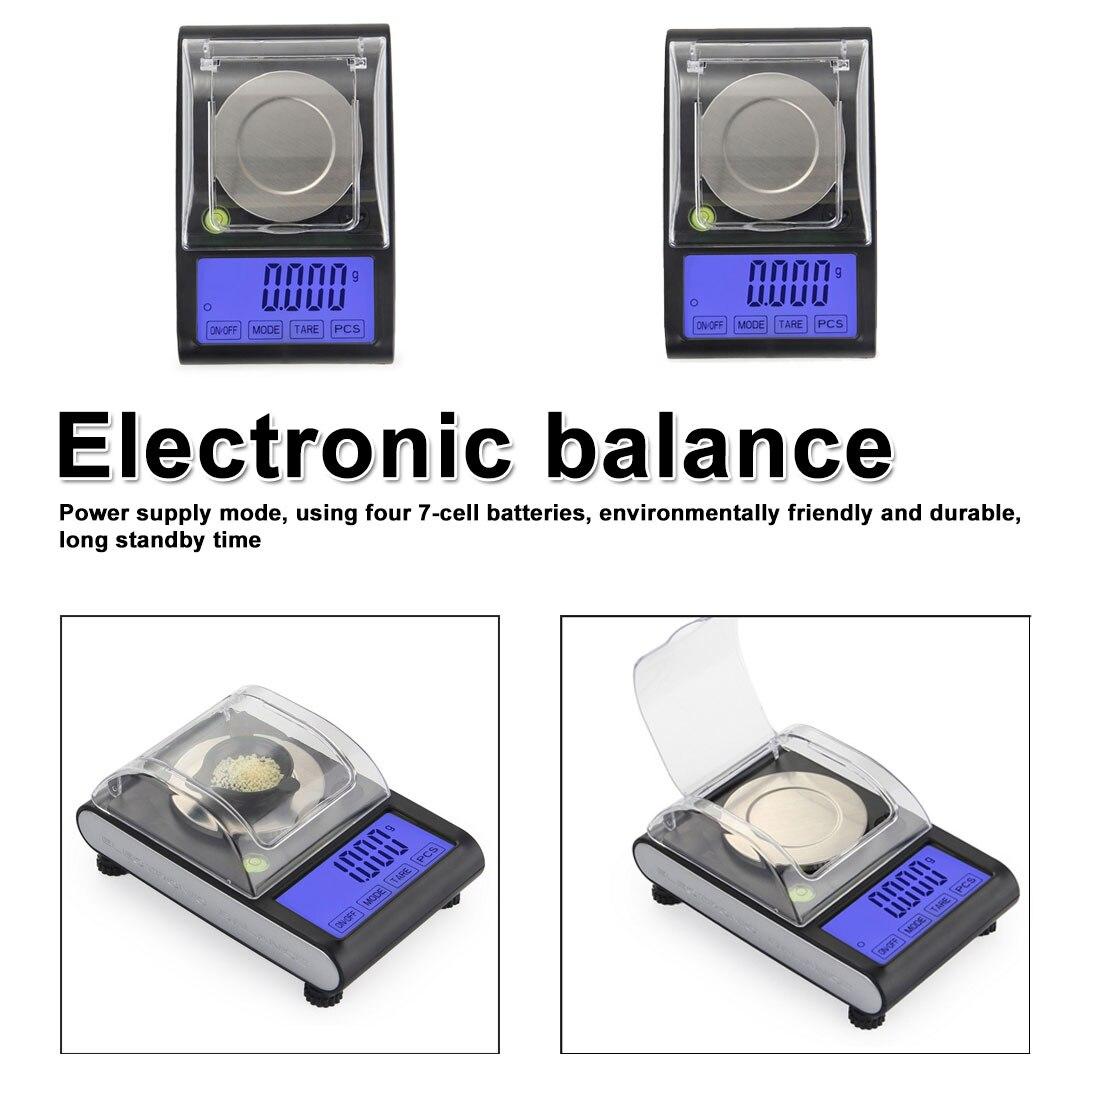 Mini échelle 50g 0.001g précision électronique numérique précision bijoux balances Balance de poche Balance pour or Sterling échelle